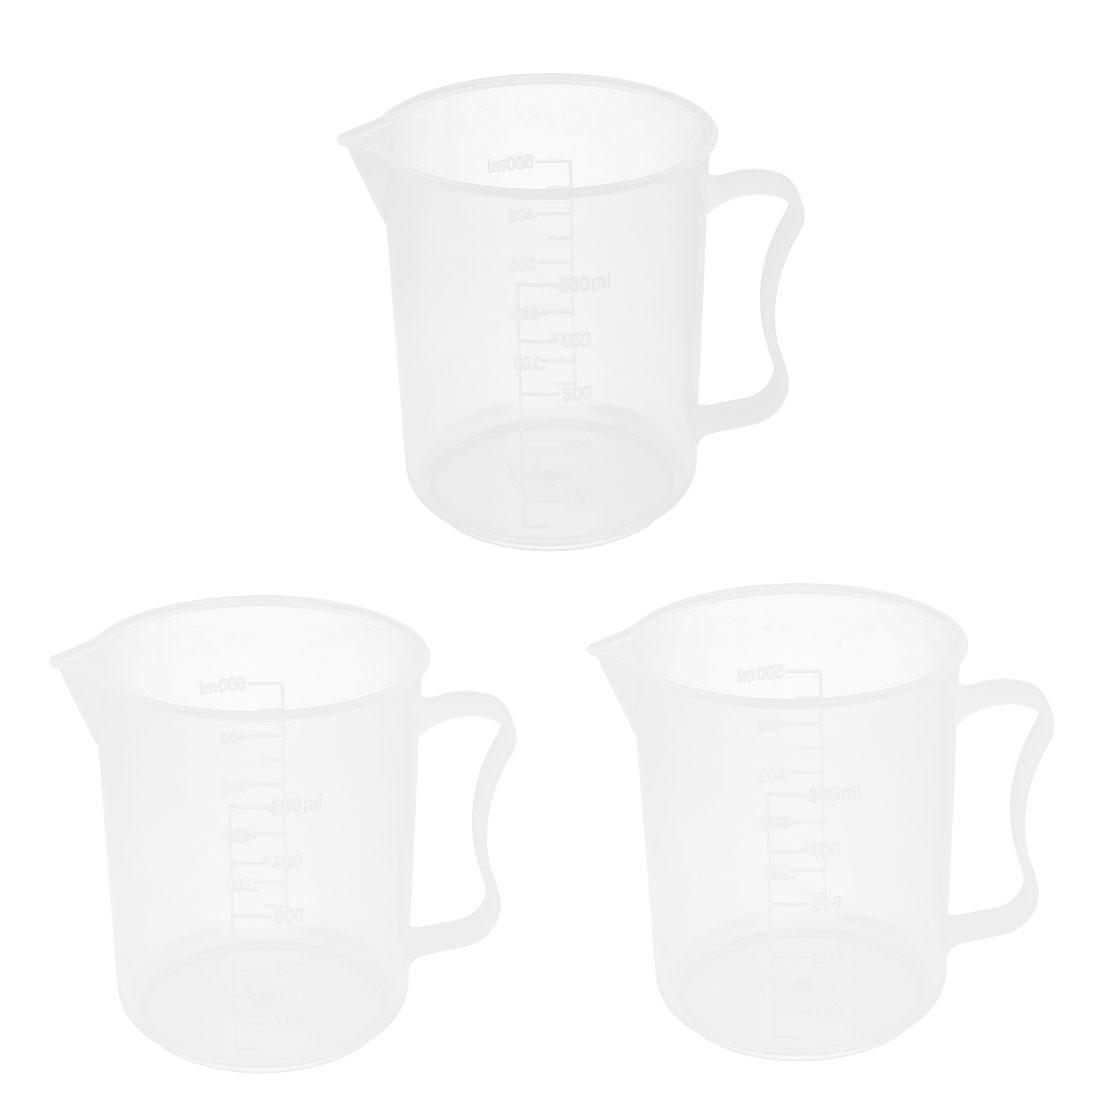 3 Pcs School Laboratory Plastic Water Liquid Container Measuring Beaker 500ml